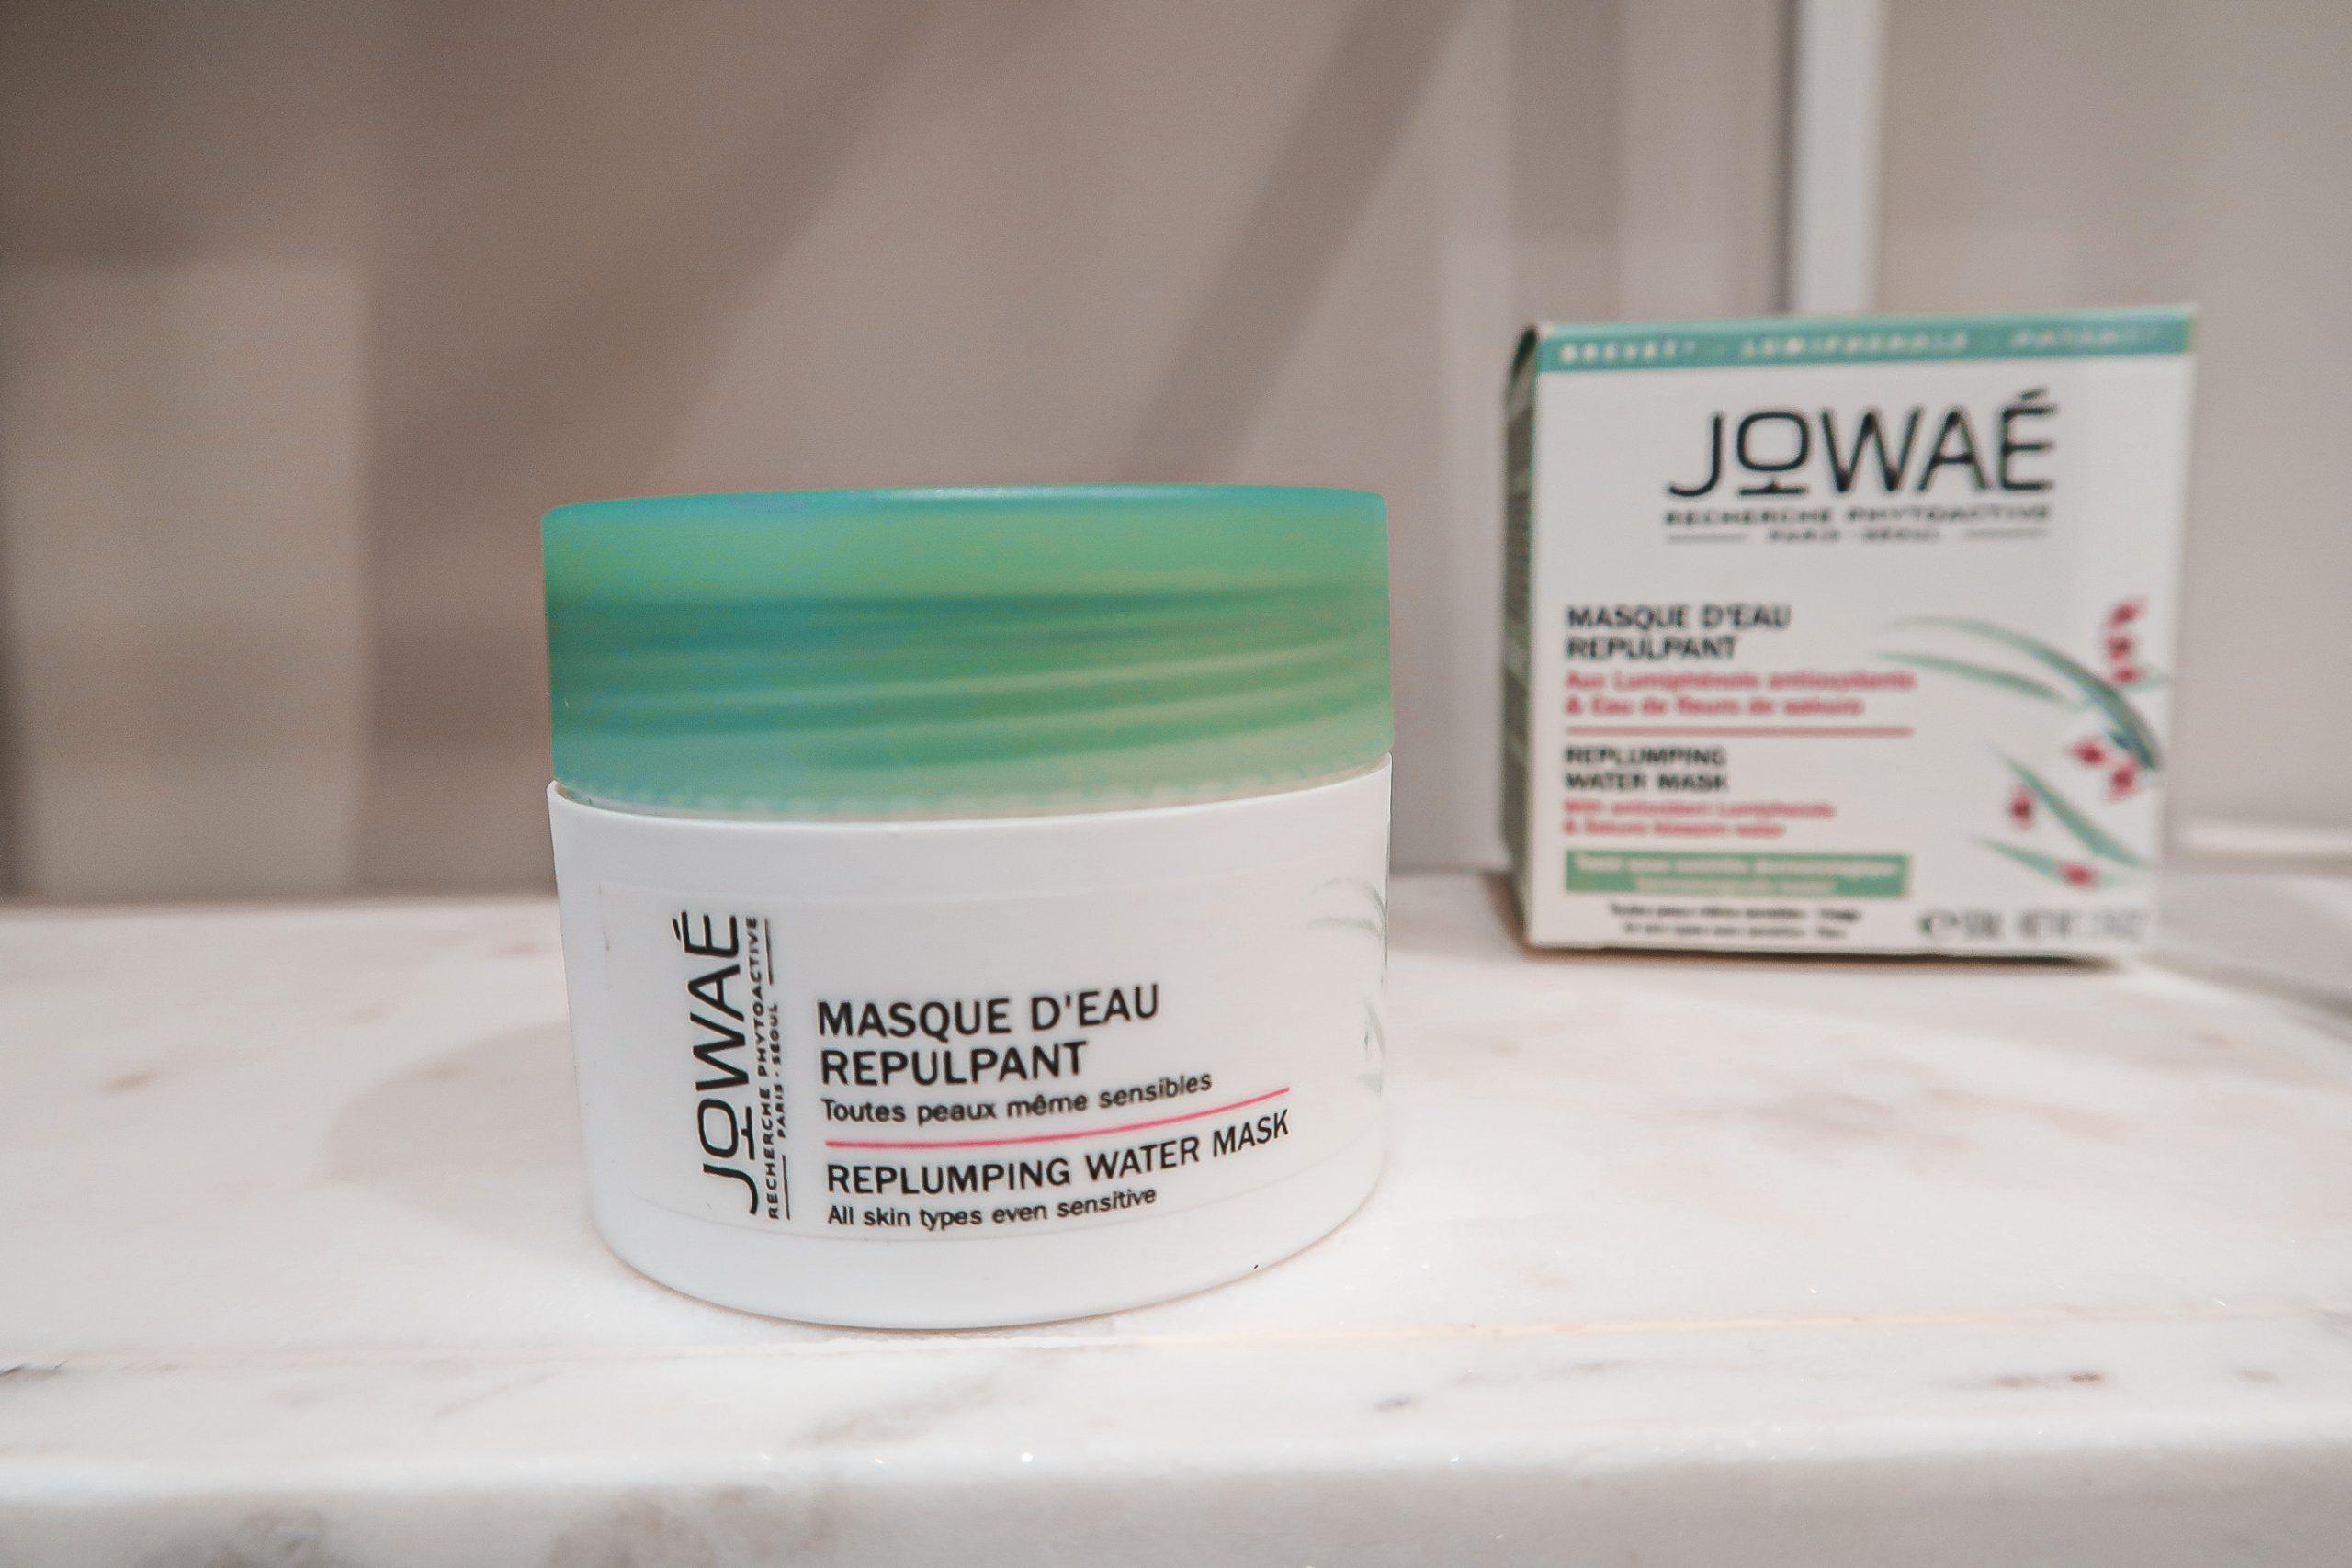 Maschera idratante di Jowaé: la recensione completa!